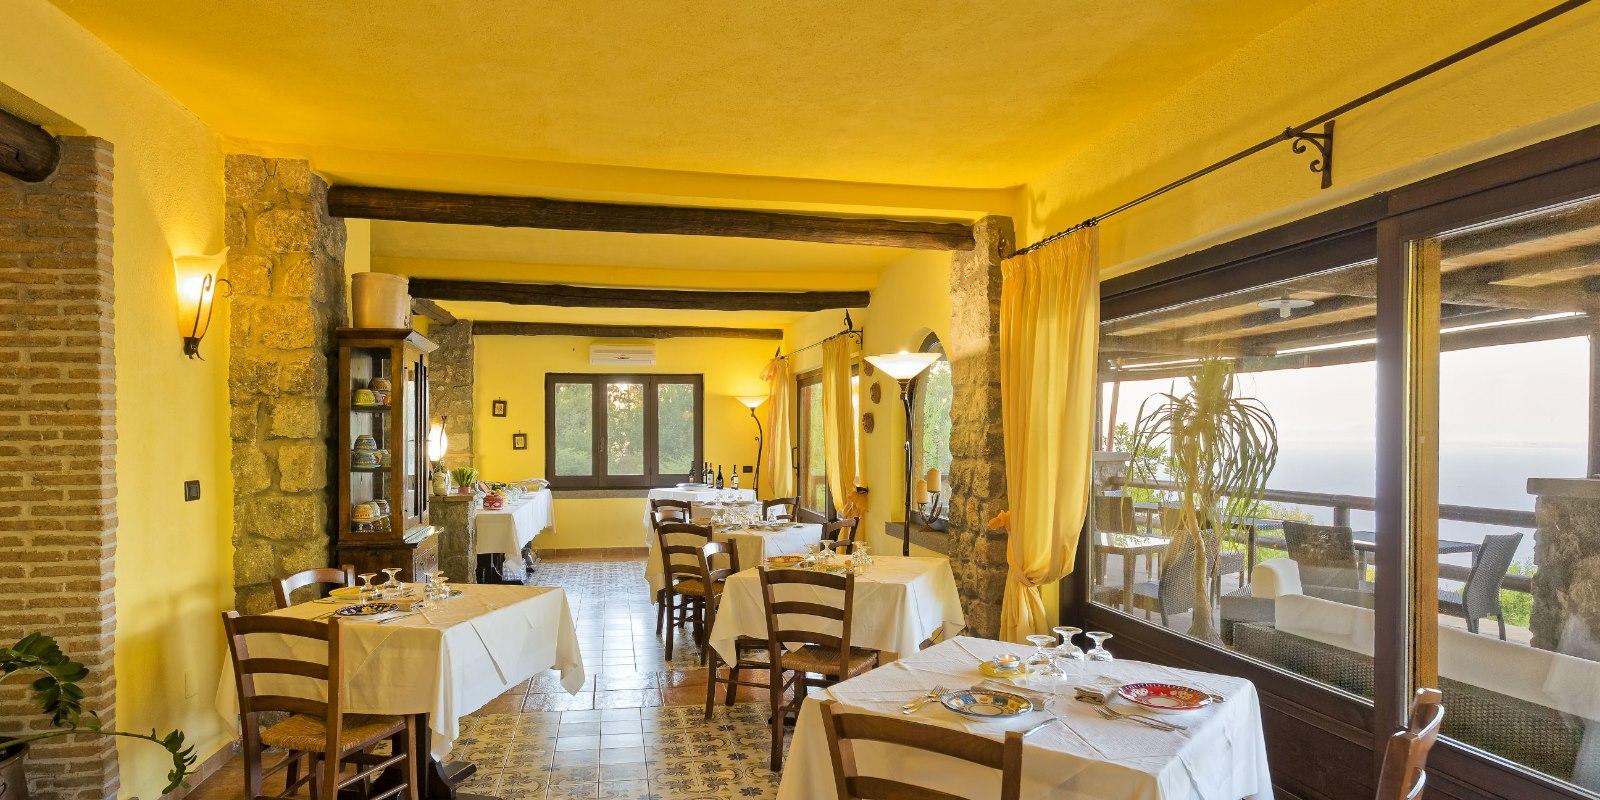 Restaurant Ischia Agriturism Local product | Pera Di Basso